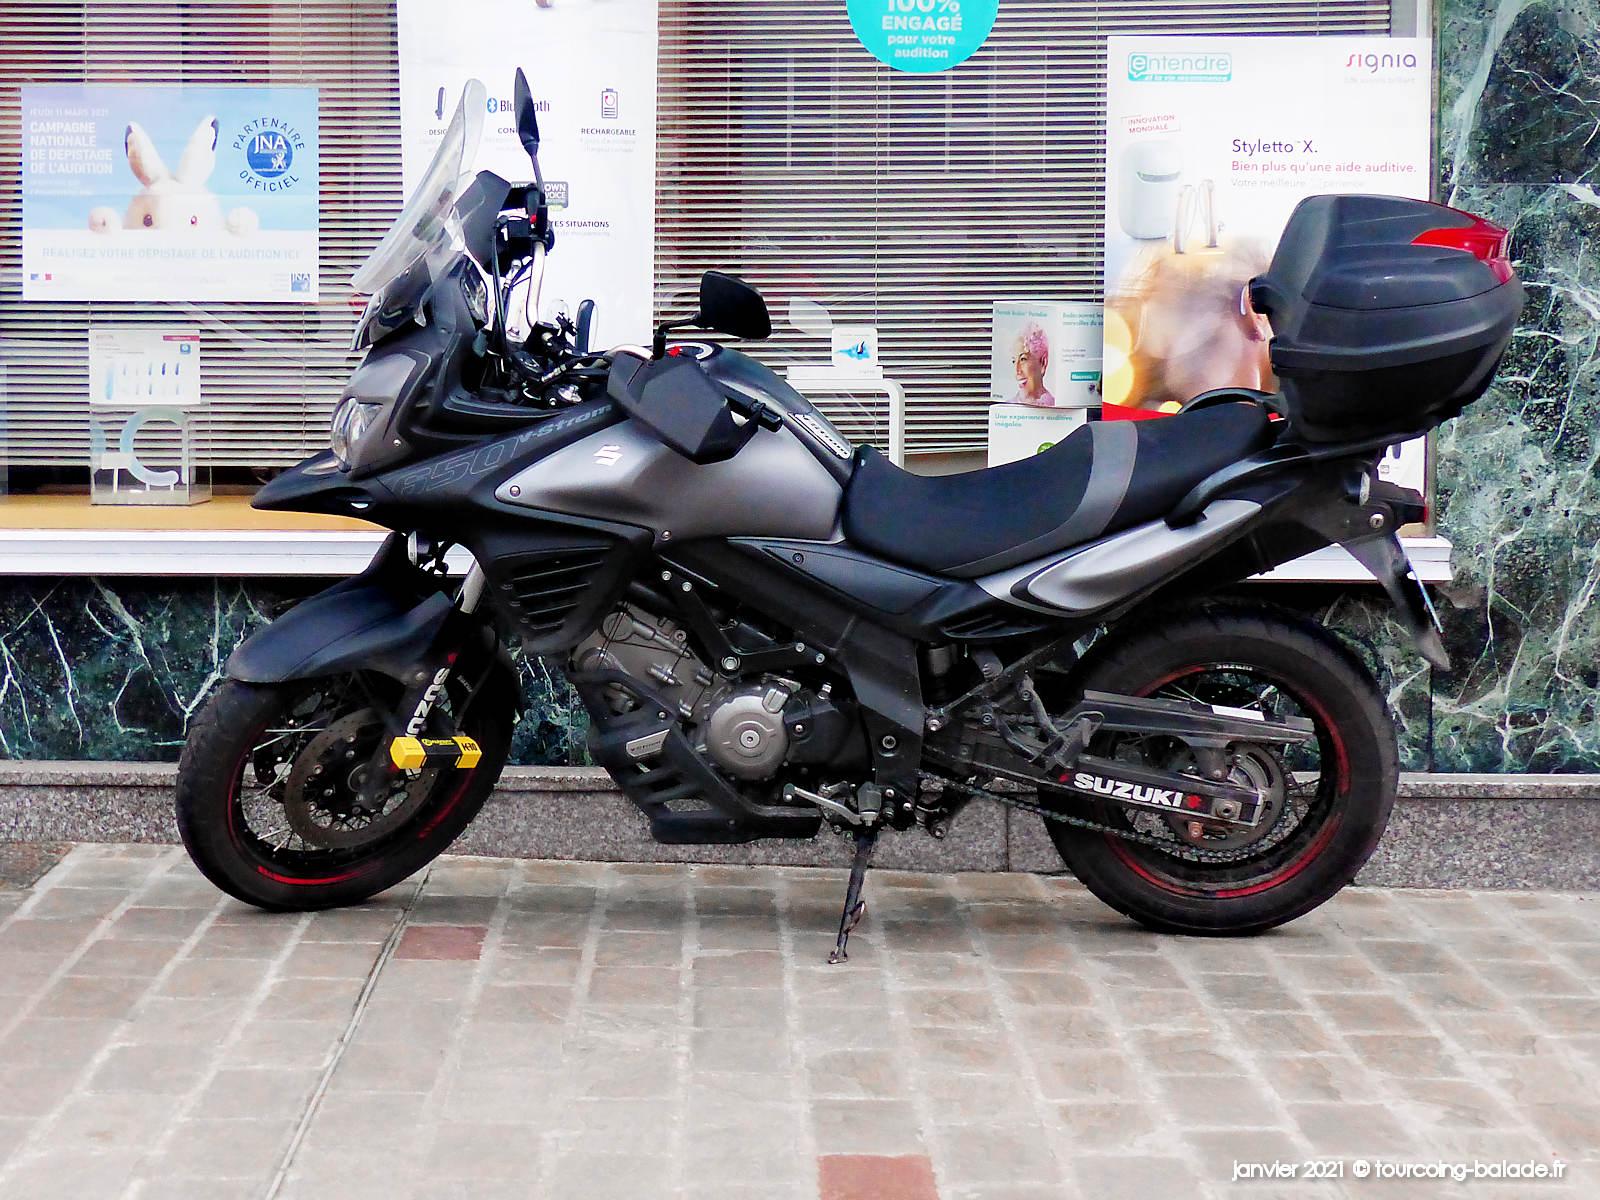 Moto Suzuki V-Strm 650, Tourcoing 2021